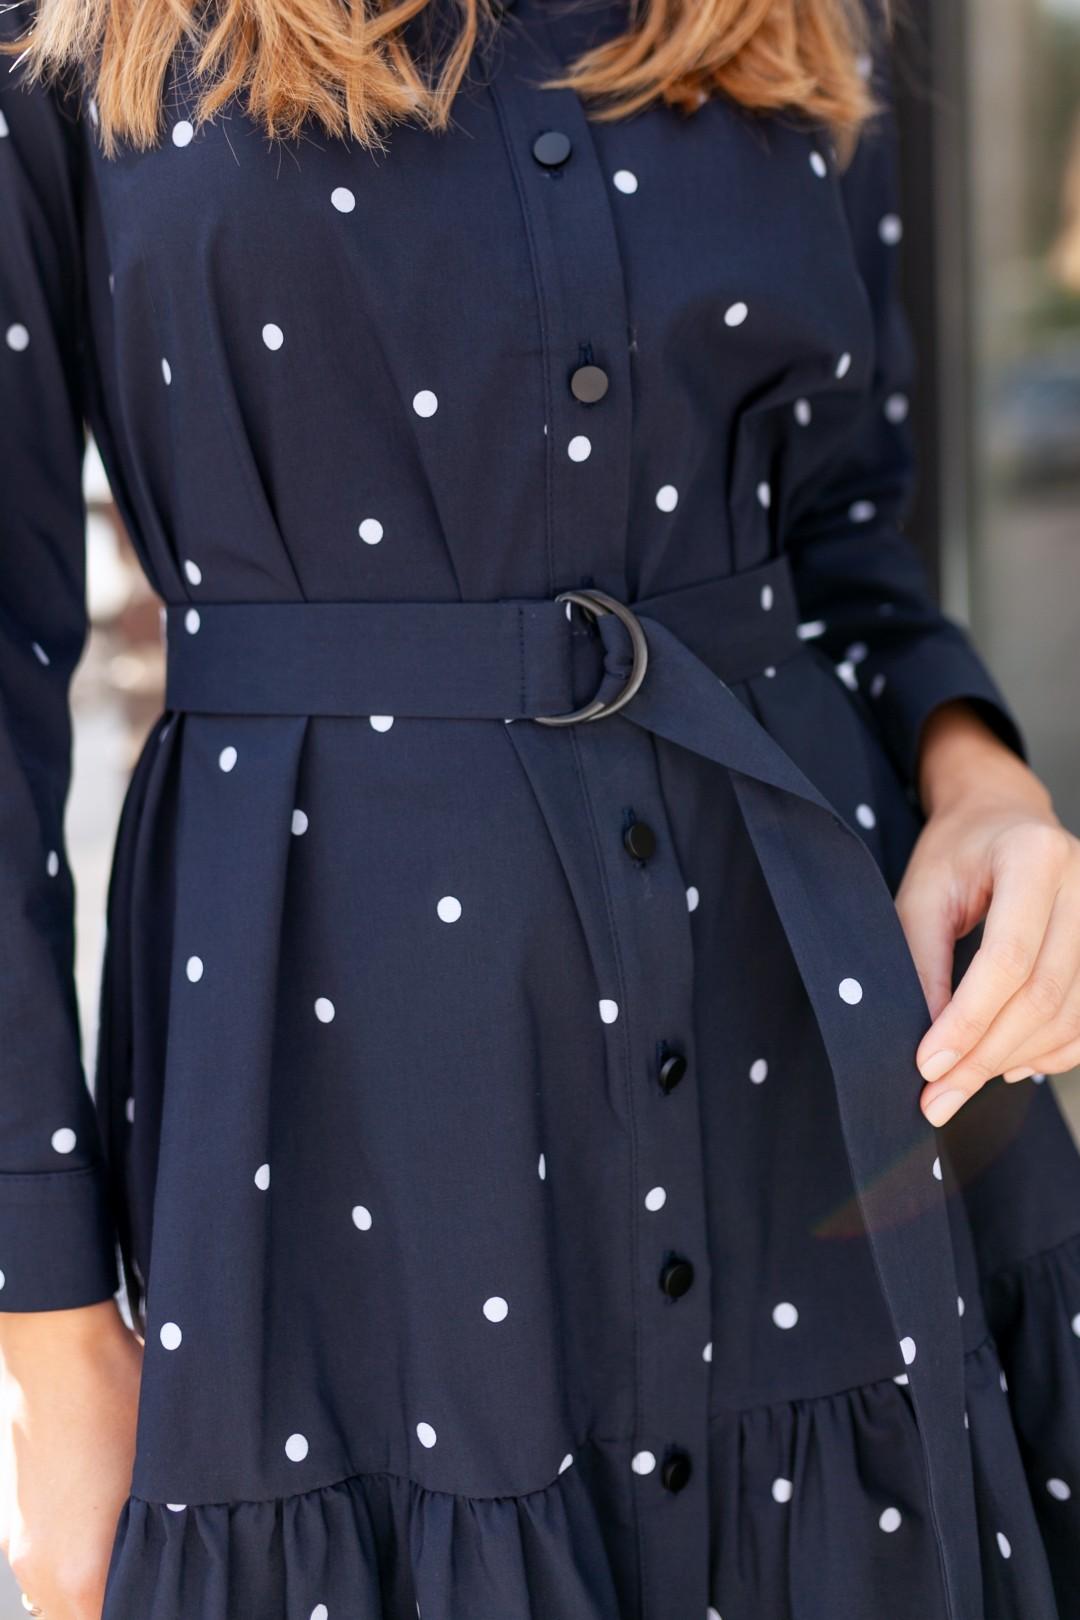 Платье KRASA 277-21 синее в горох